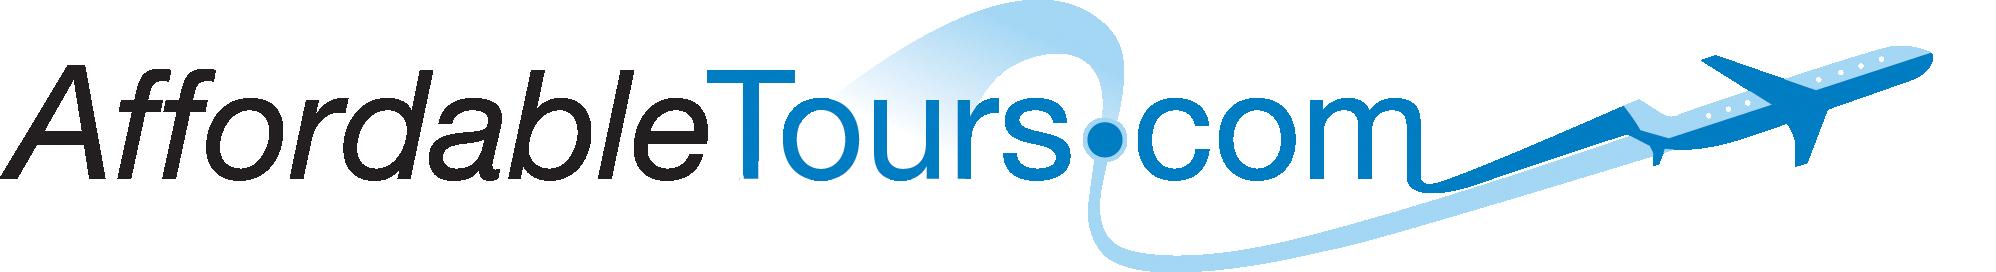 AffordableTours.com Travel Blog Logo